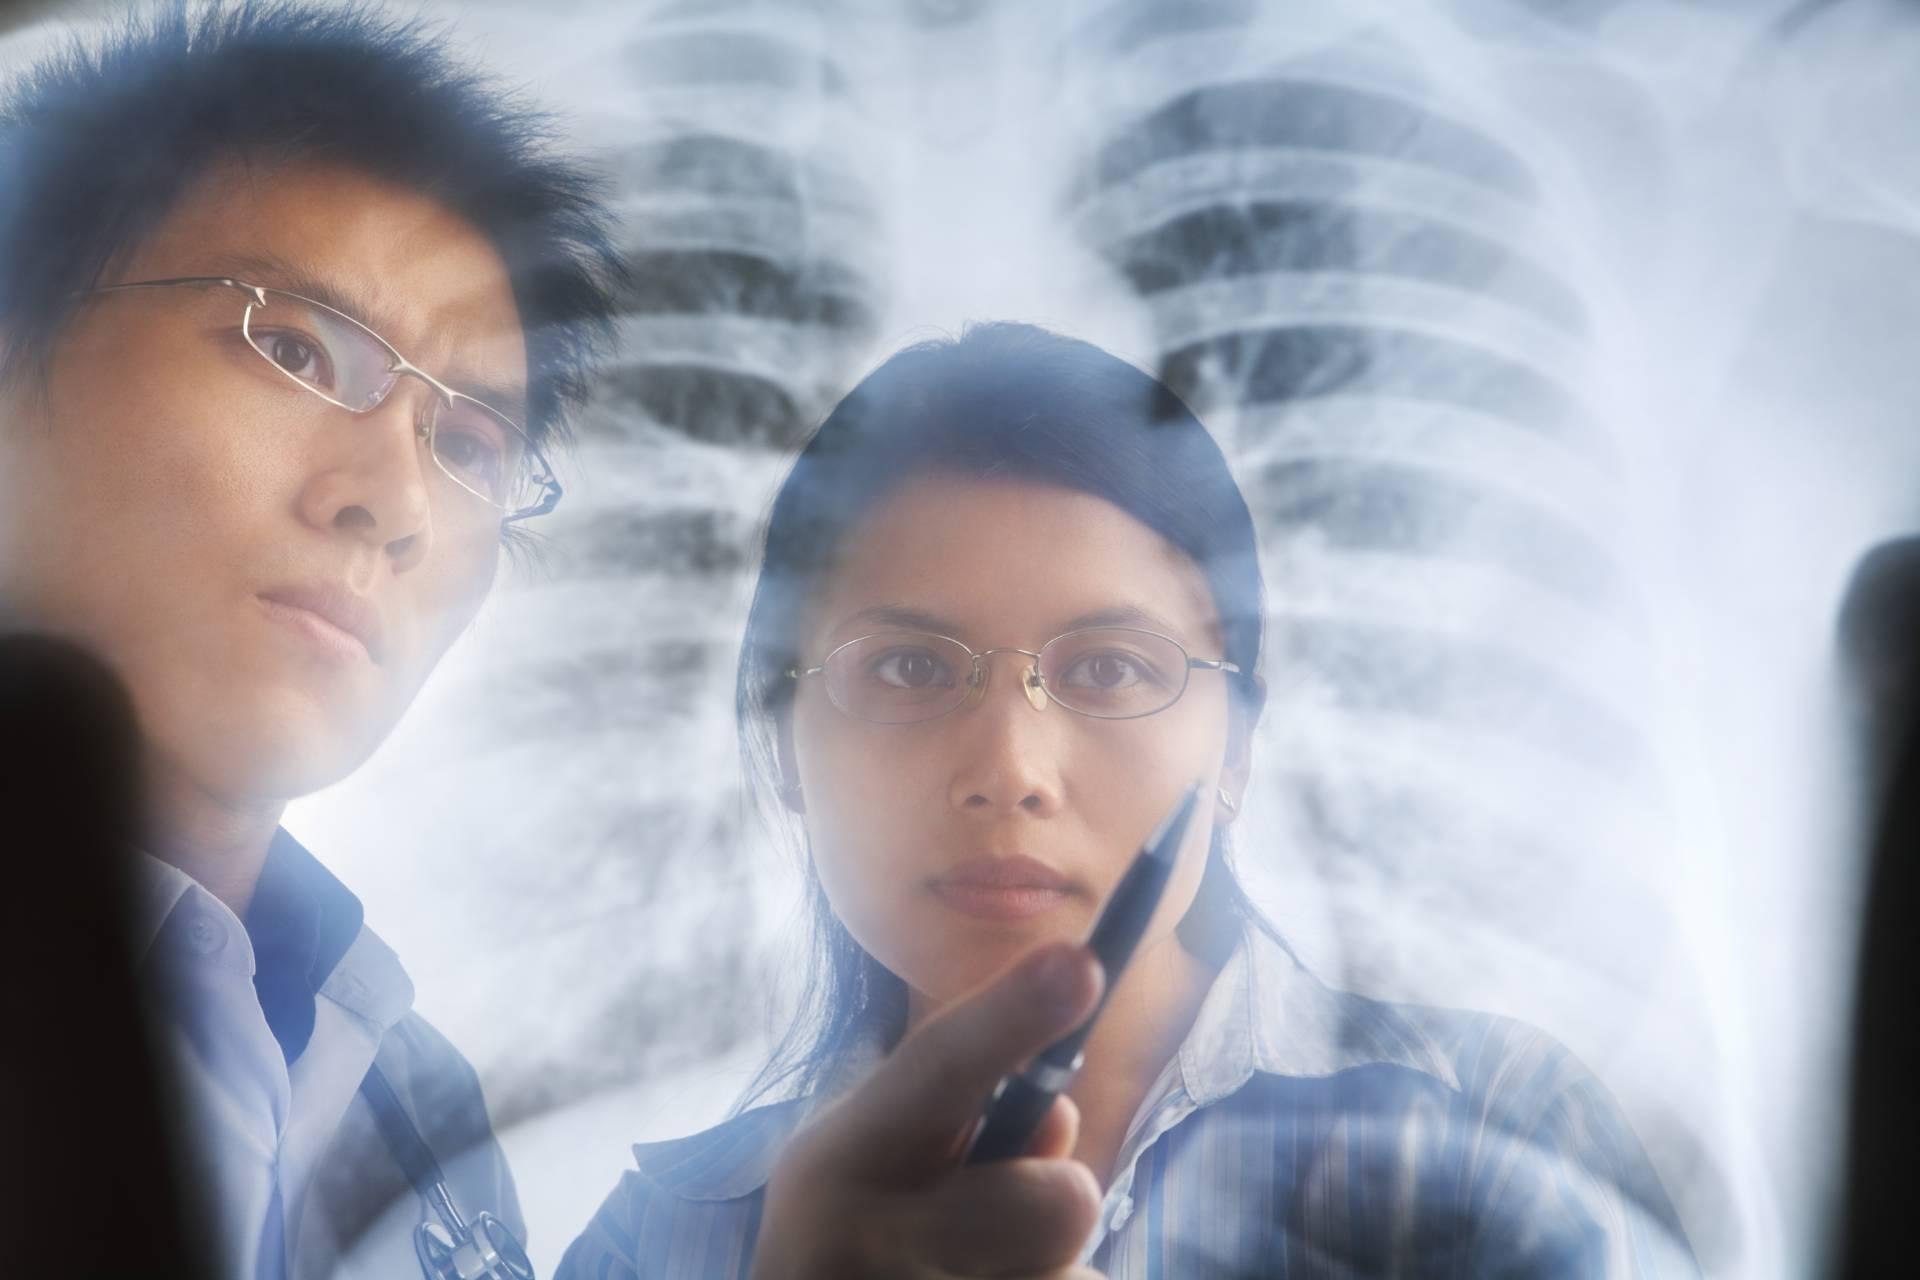 Two young medics looking at radiographs